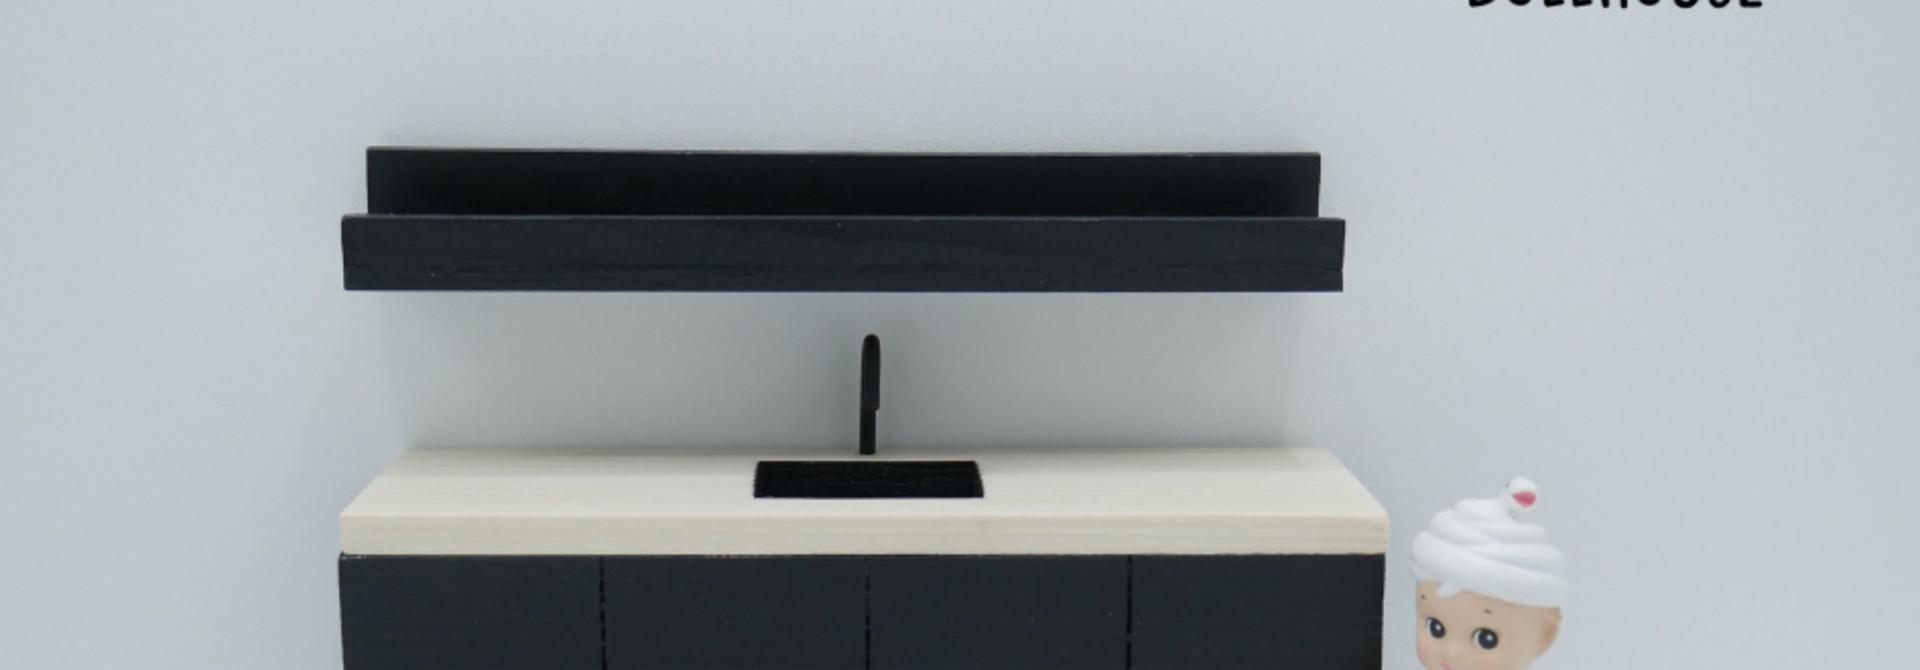 Zwarte keuken met houten werkblad